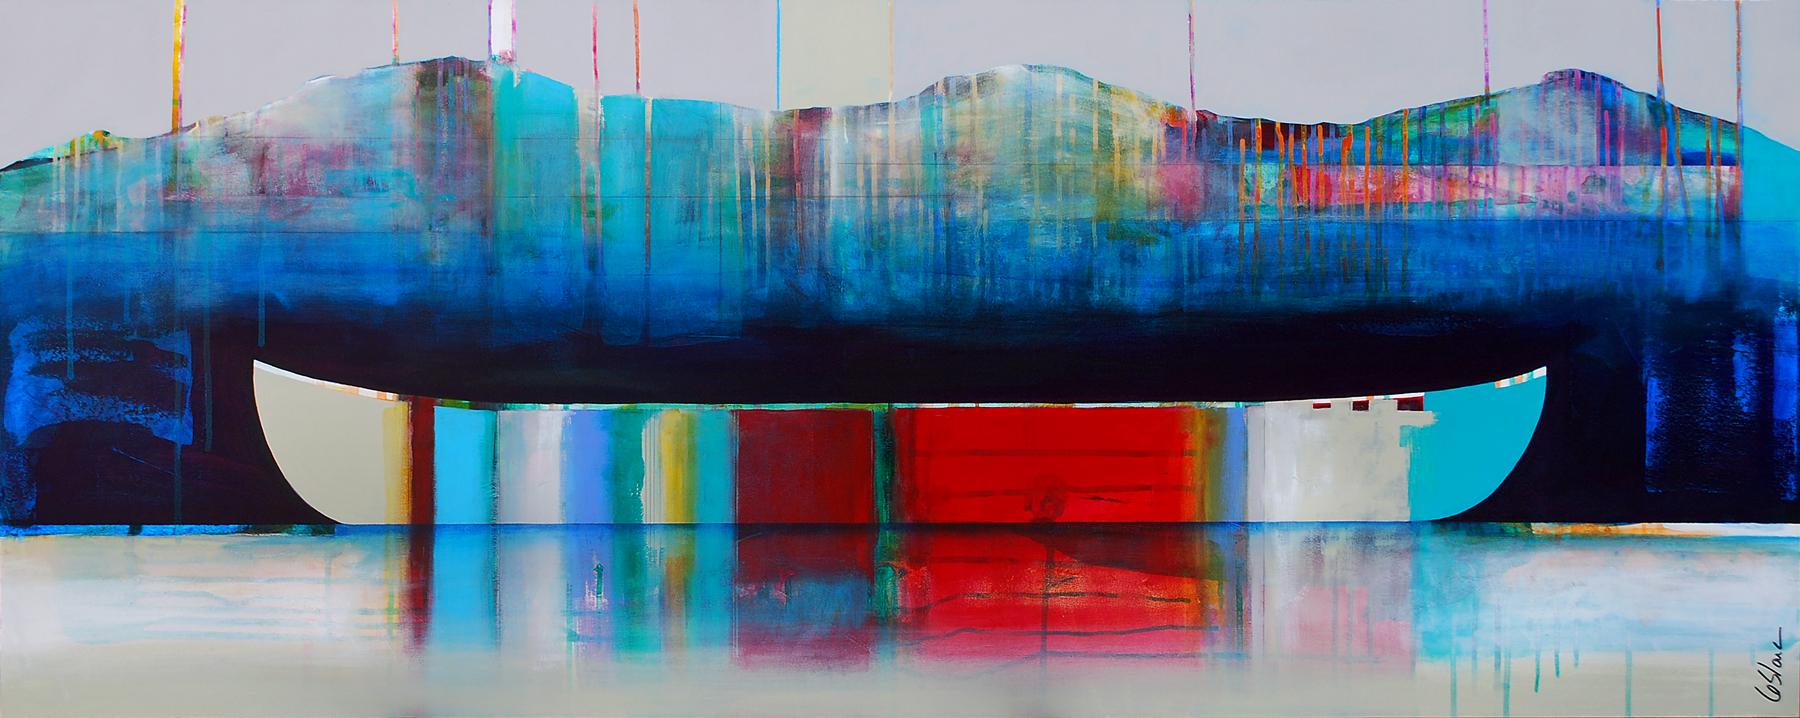 La douceur du temps, mixed media canoe painting by Sylvain Leblanc | Effusion Art Gallery + Cast Glass Studio, Invermere BC